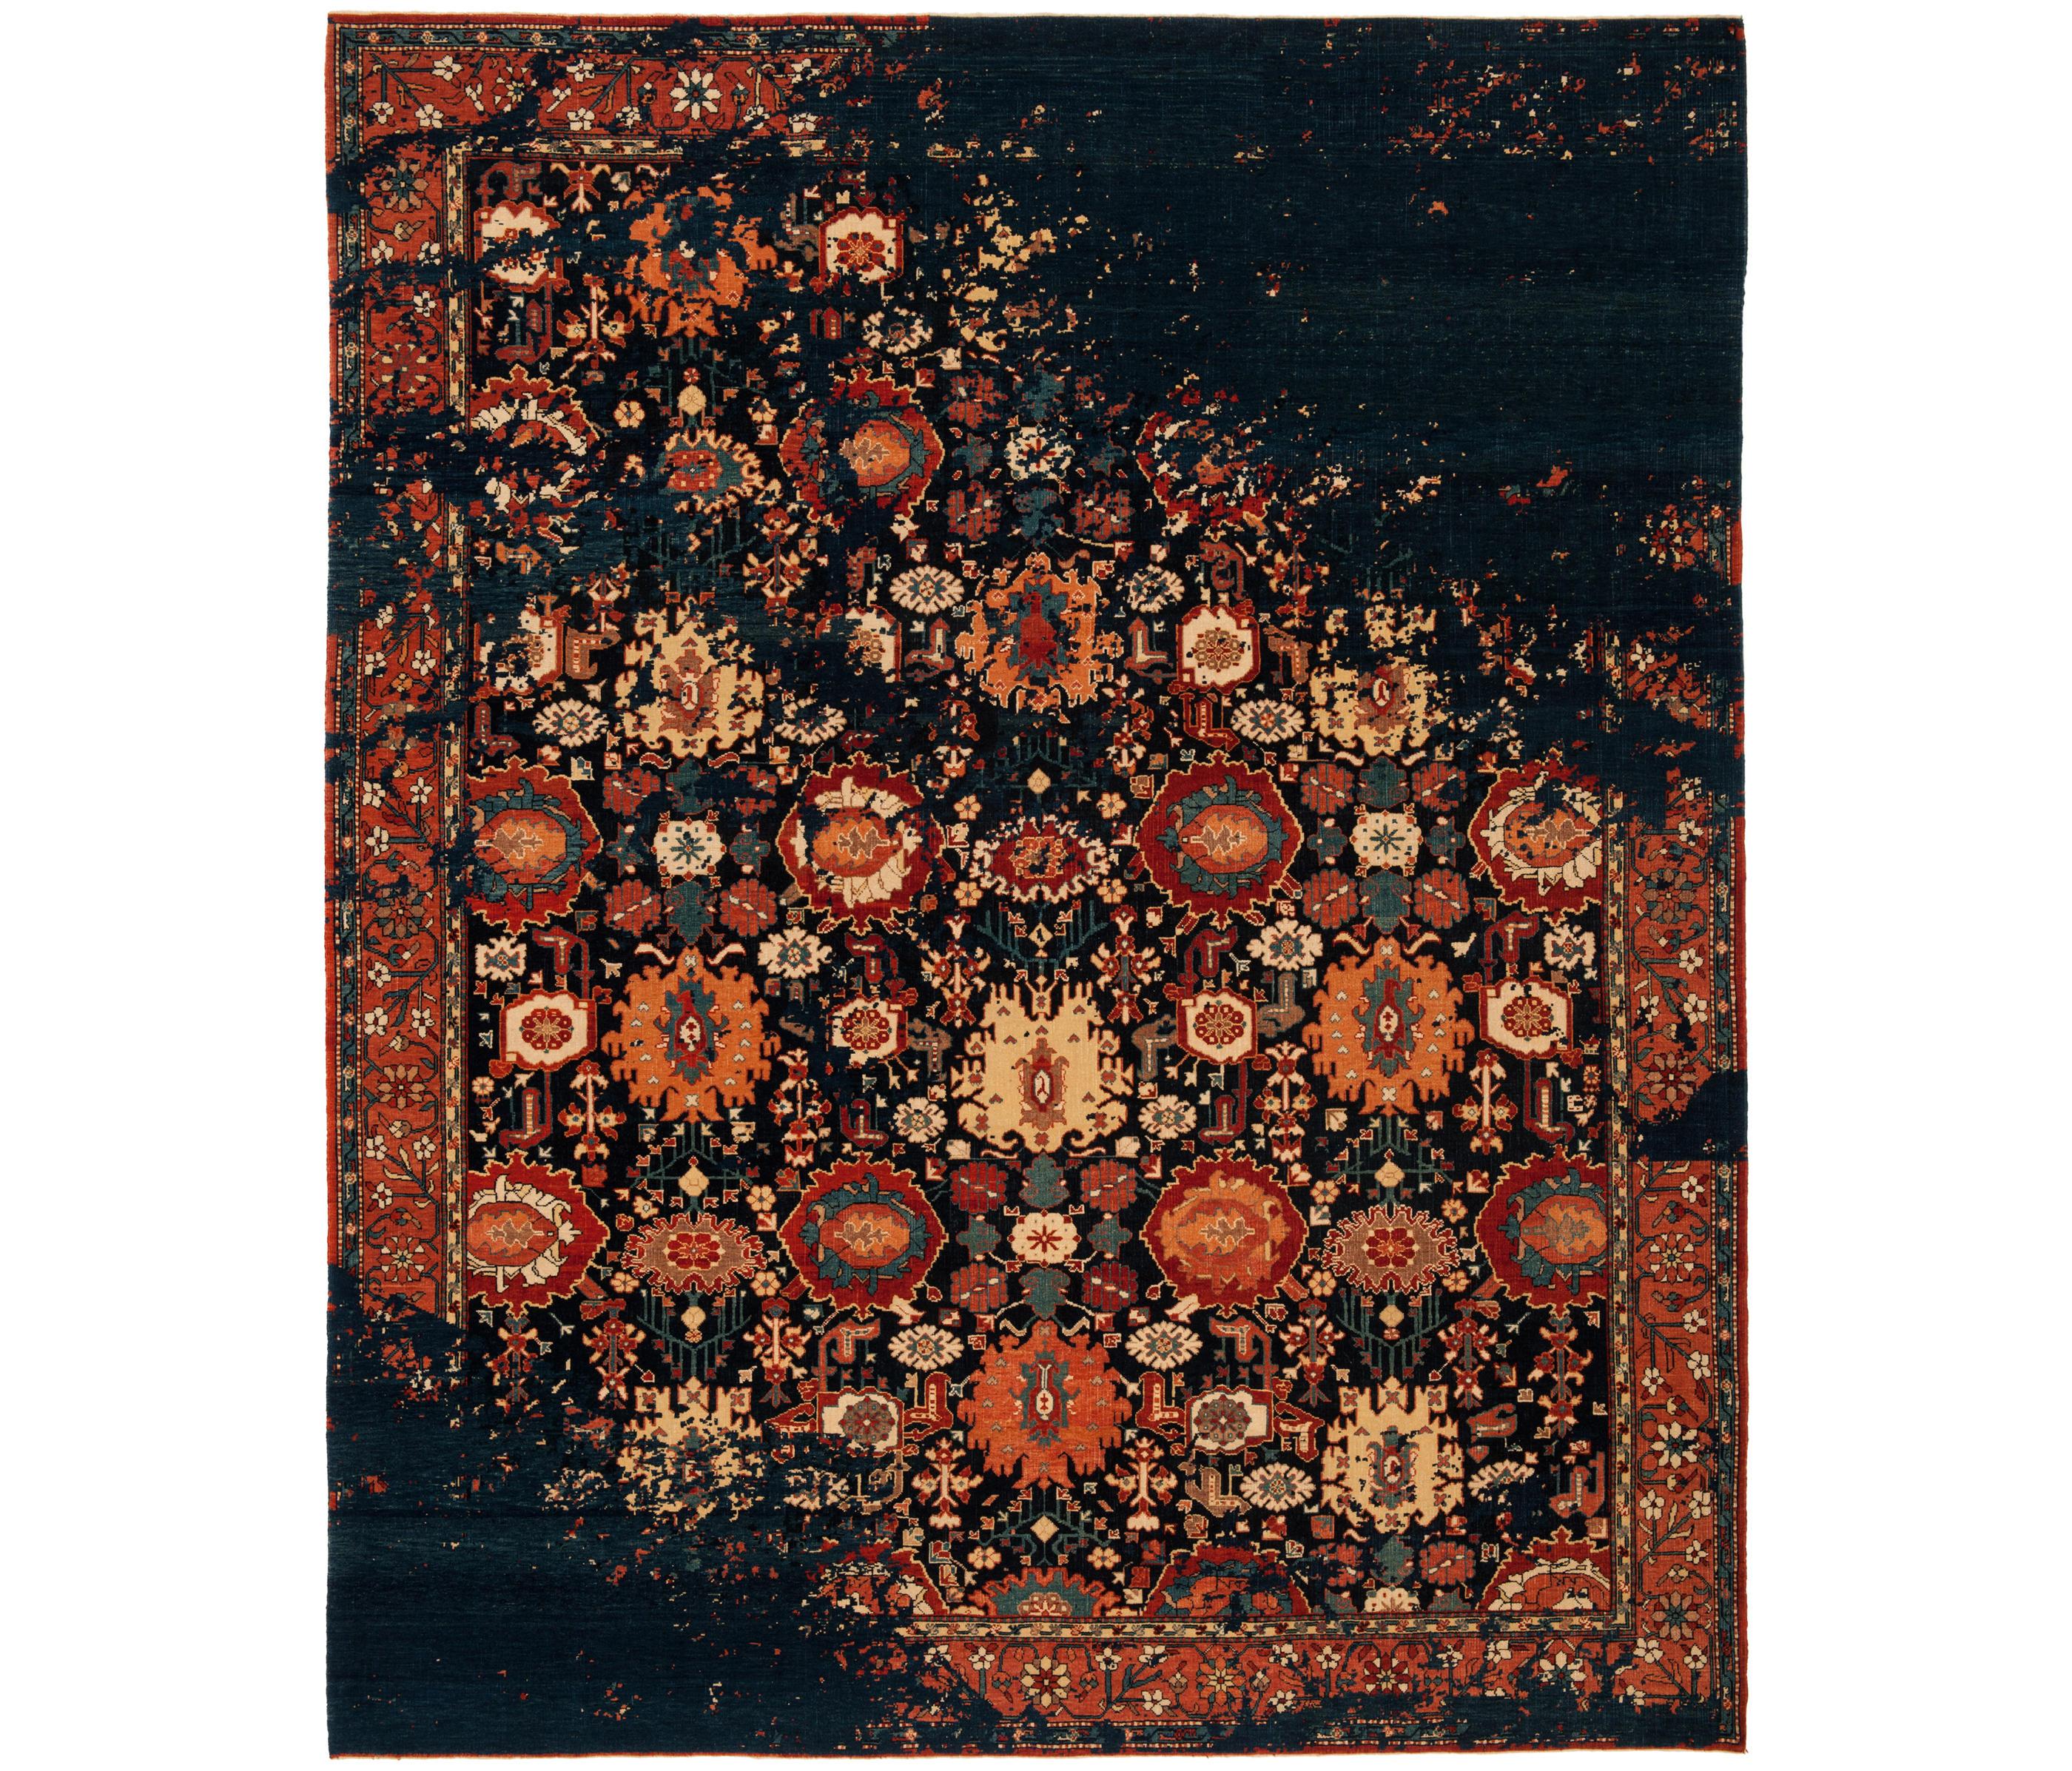 erased heritage bidjar paddington raved formatteppiche designerteppiche von jan kath. Black Bedroom Furniture Sets. Home Design Ideas